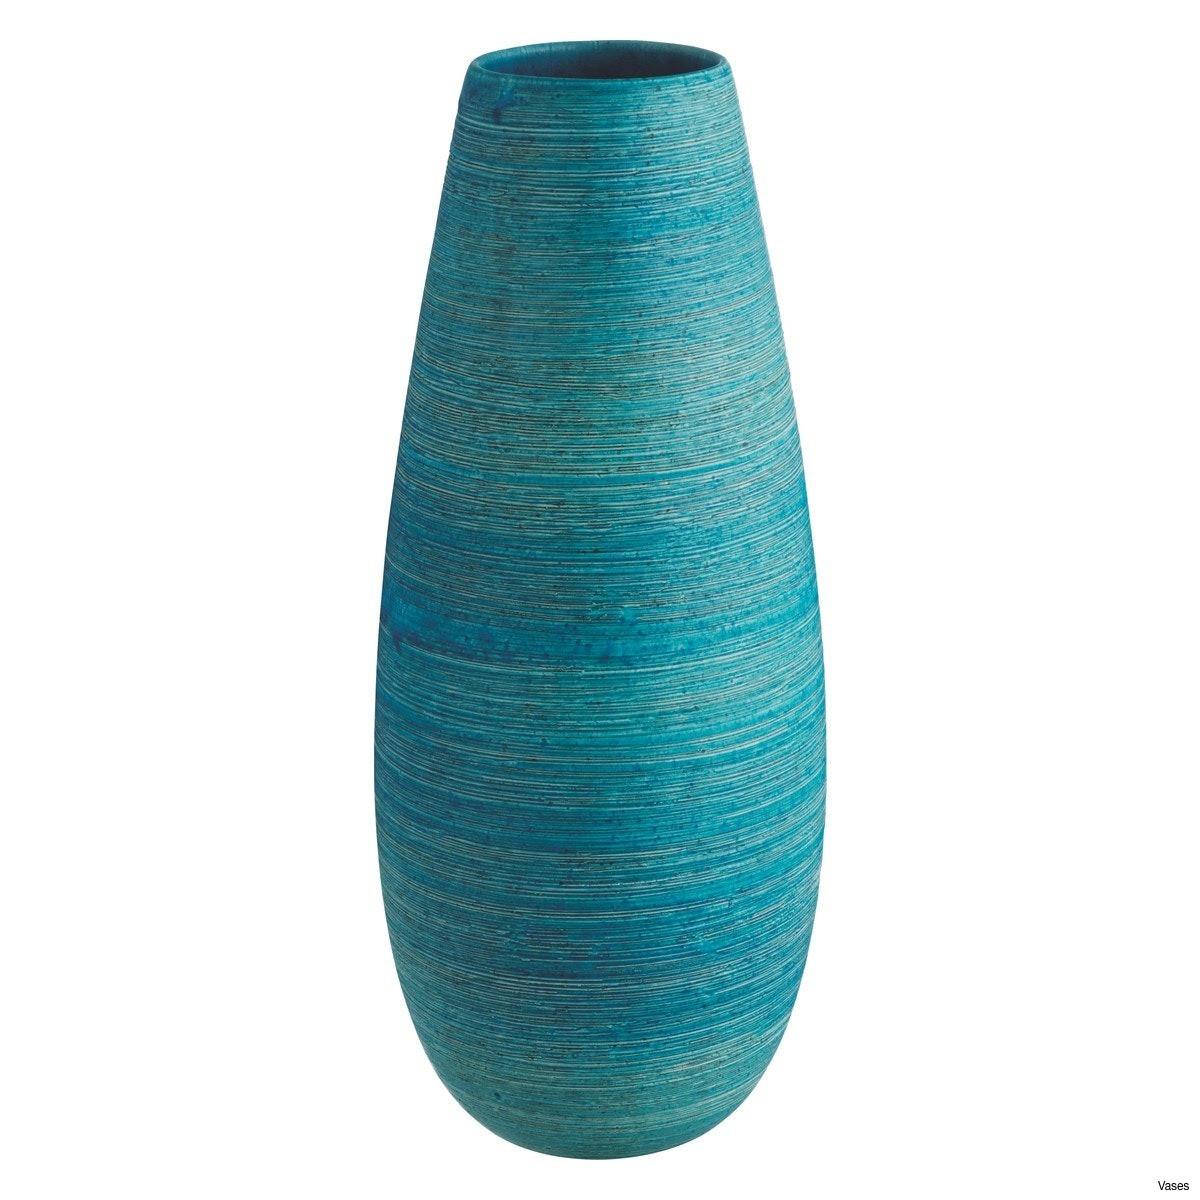 white flower vases for sale of blue floor lovely vases teal vase turk blue ceramic vasei 0d from regarding blue floor lovely vases teal vase turk blue ceramic vasei 0d from next teak